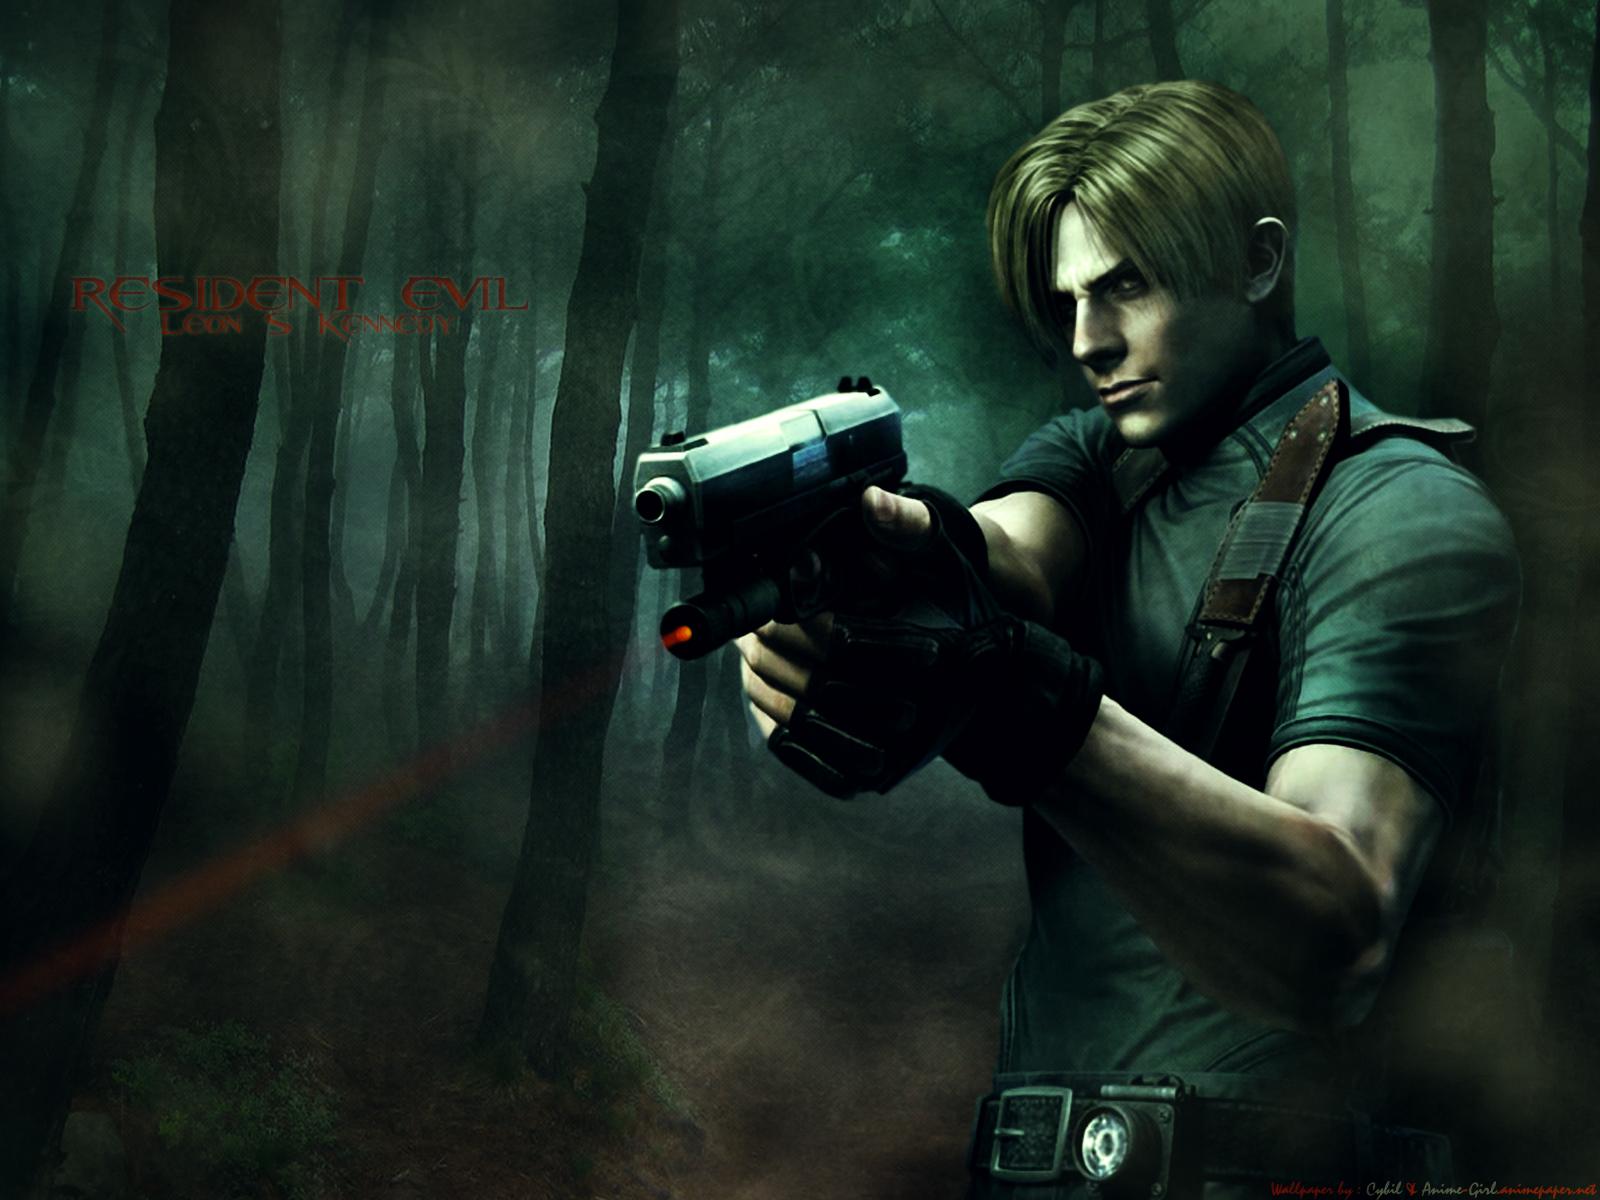 Resident Evil 4 Wallpaper Resident Evil Leon S Kennedy